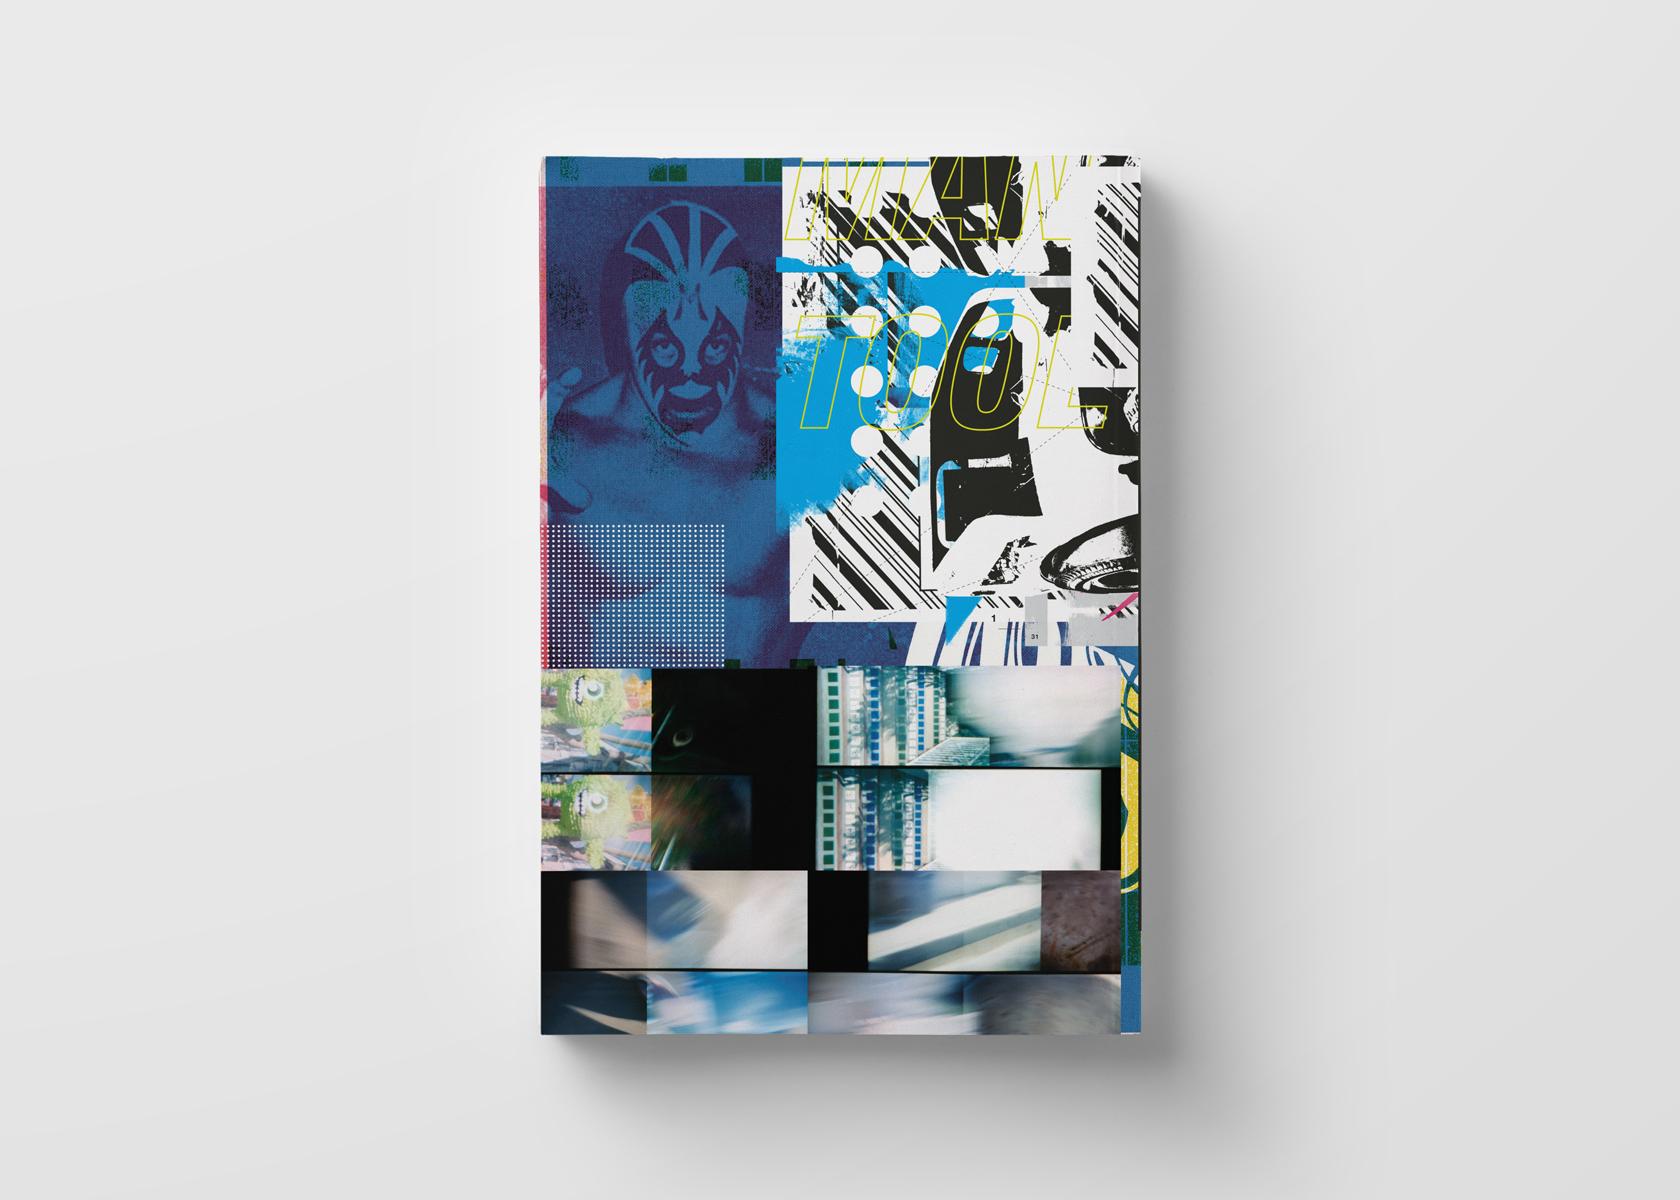 Auto_Pilots_Book_Back_Cover_12Col